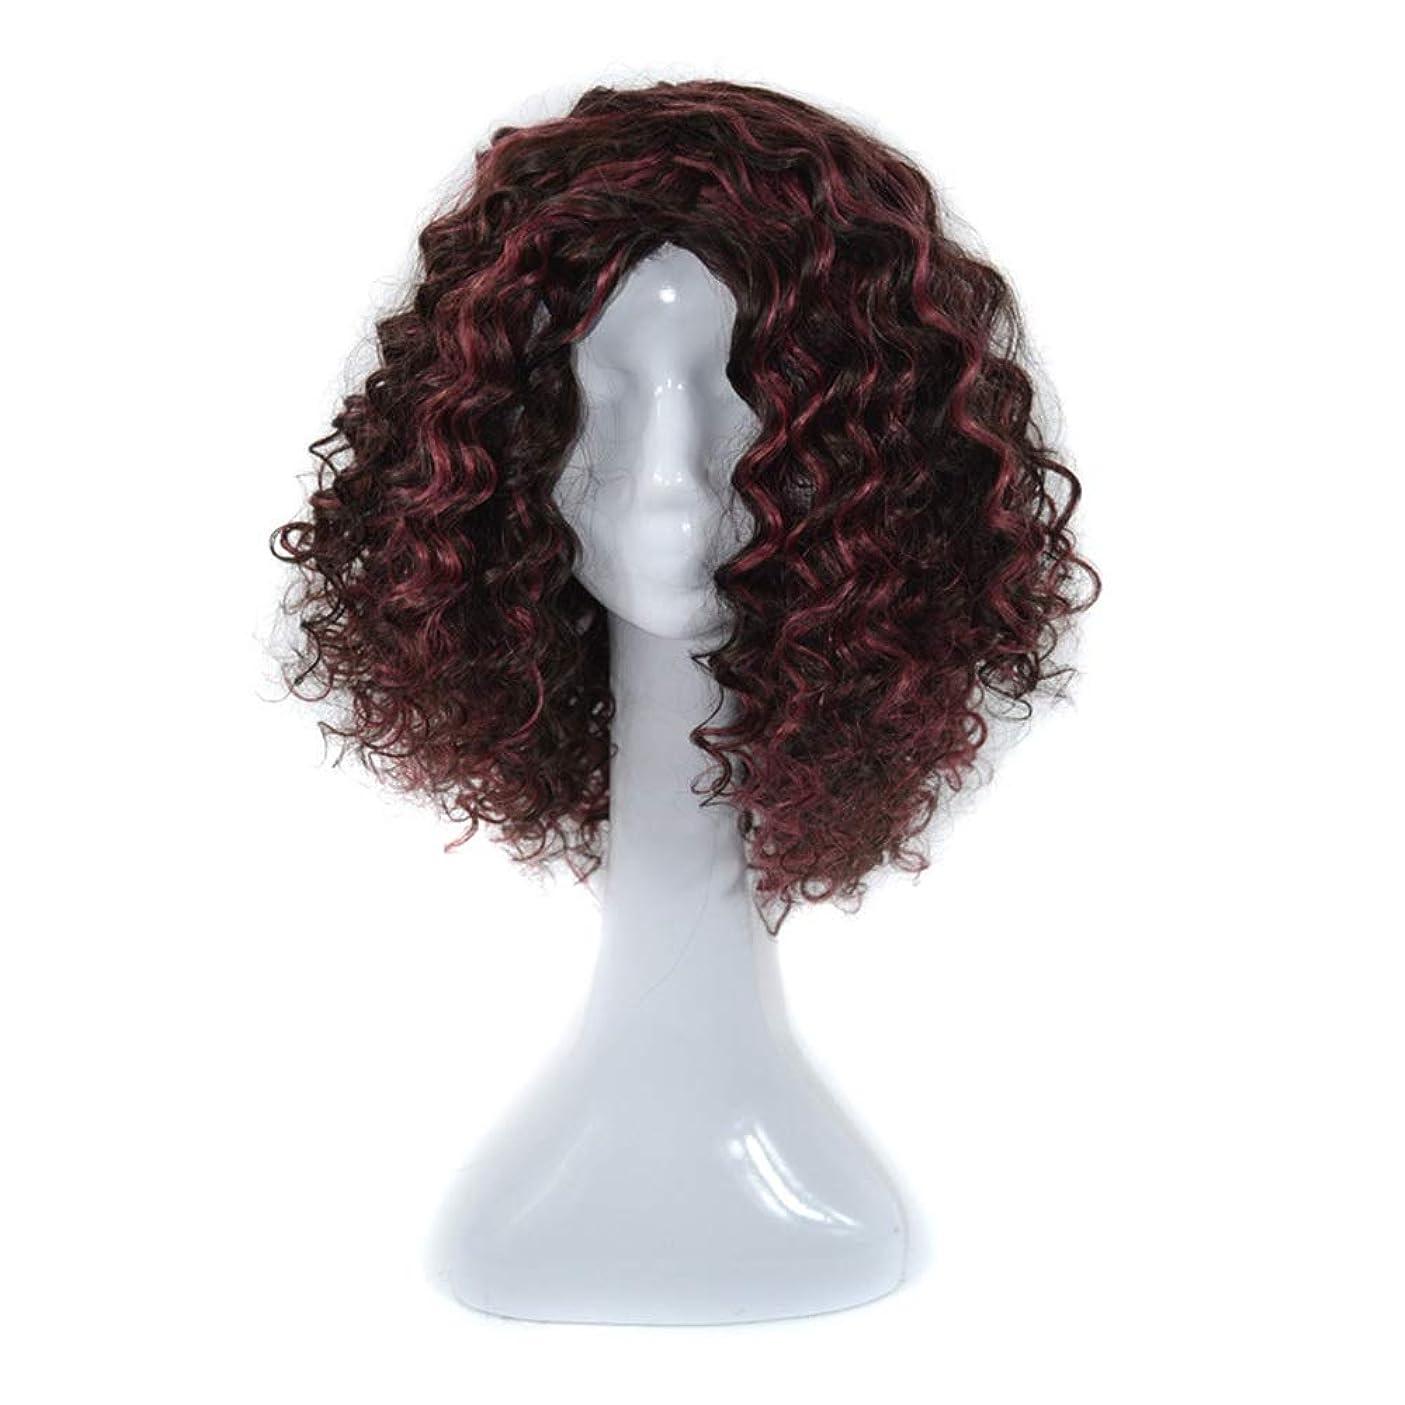 万歳と遊ぶコミットメントYrattary 100%本物の人間の髪の毛の黒ハイライトワインレッドカーリーヘアエクステンション黒人女性用合成髪レースかつらロールプレイングかつらロングとショートの女性自然 (色 : ワインレッド)